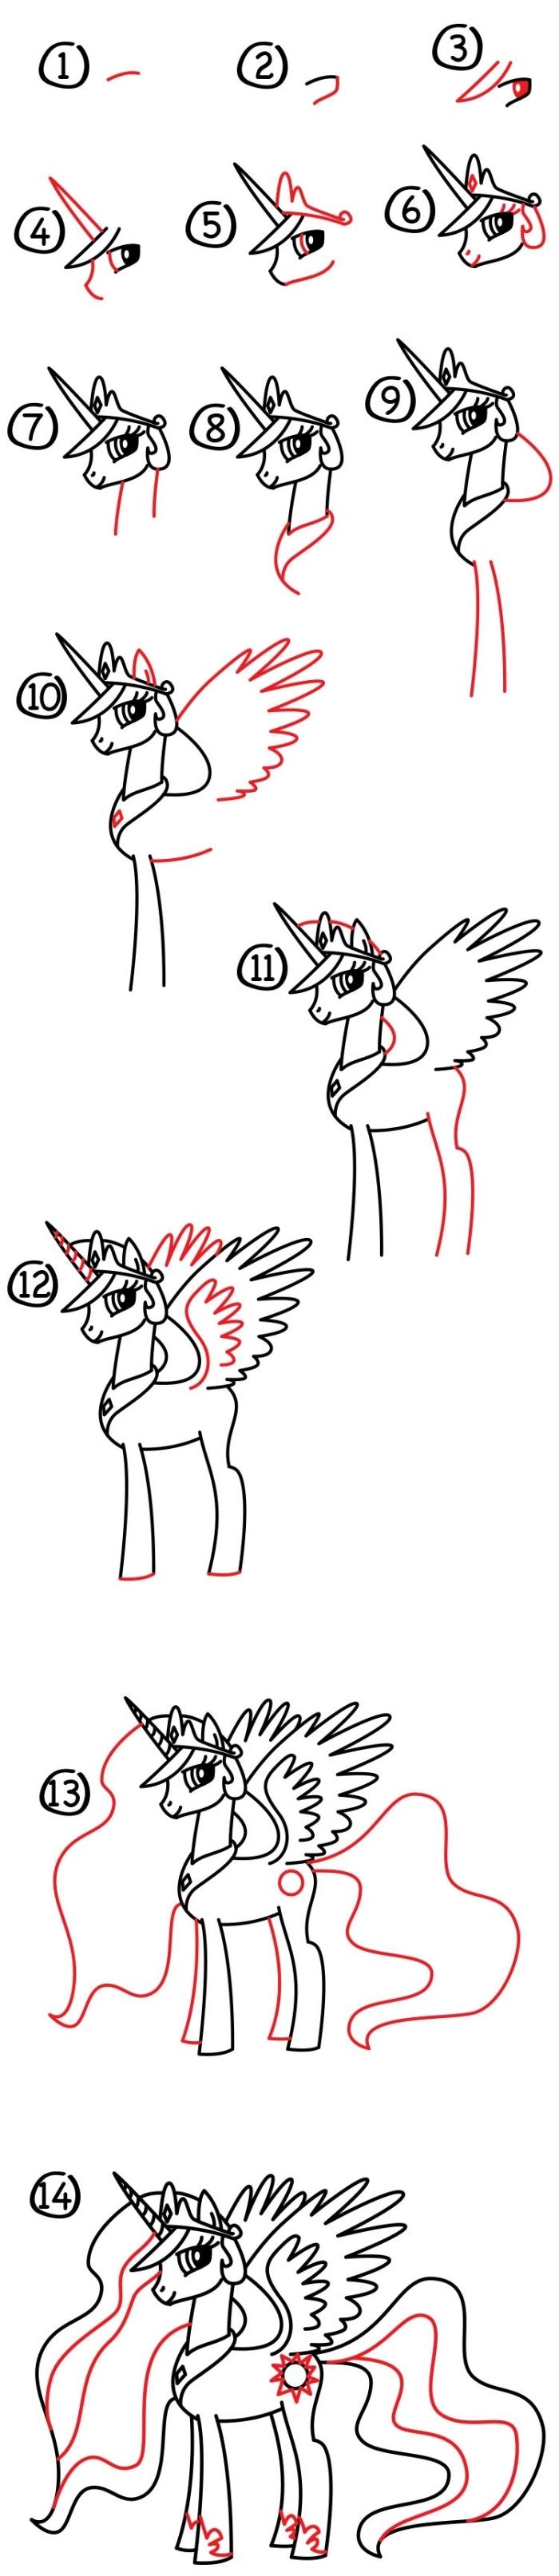 le pas à pas à suivre pour réaliser un dessin facile licorne princesse celestia avec jolie crinière ondulée